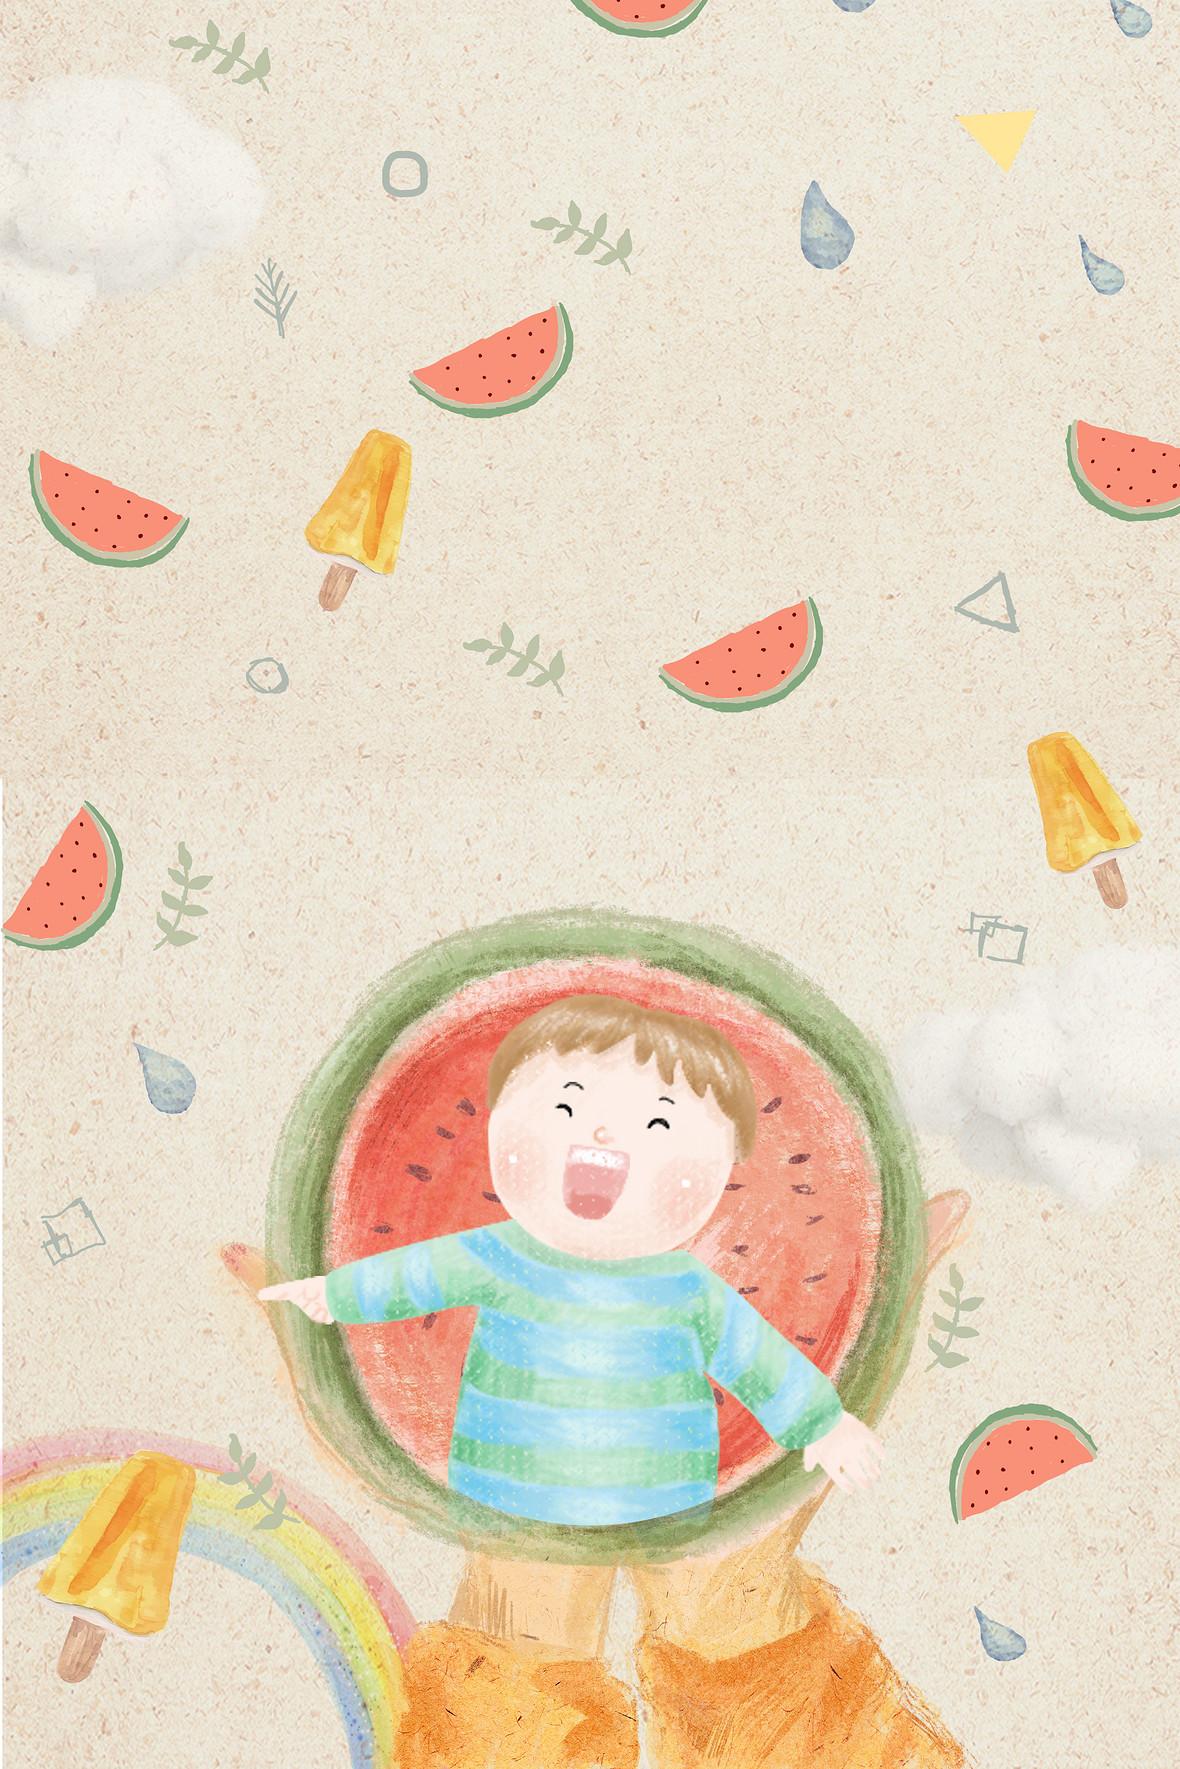 六一儿童节手绘西瓜海报背景